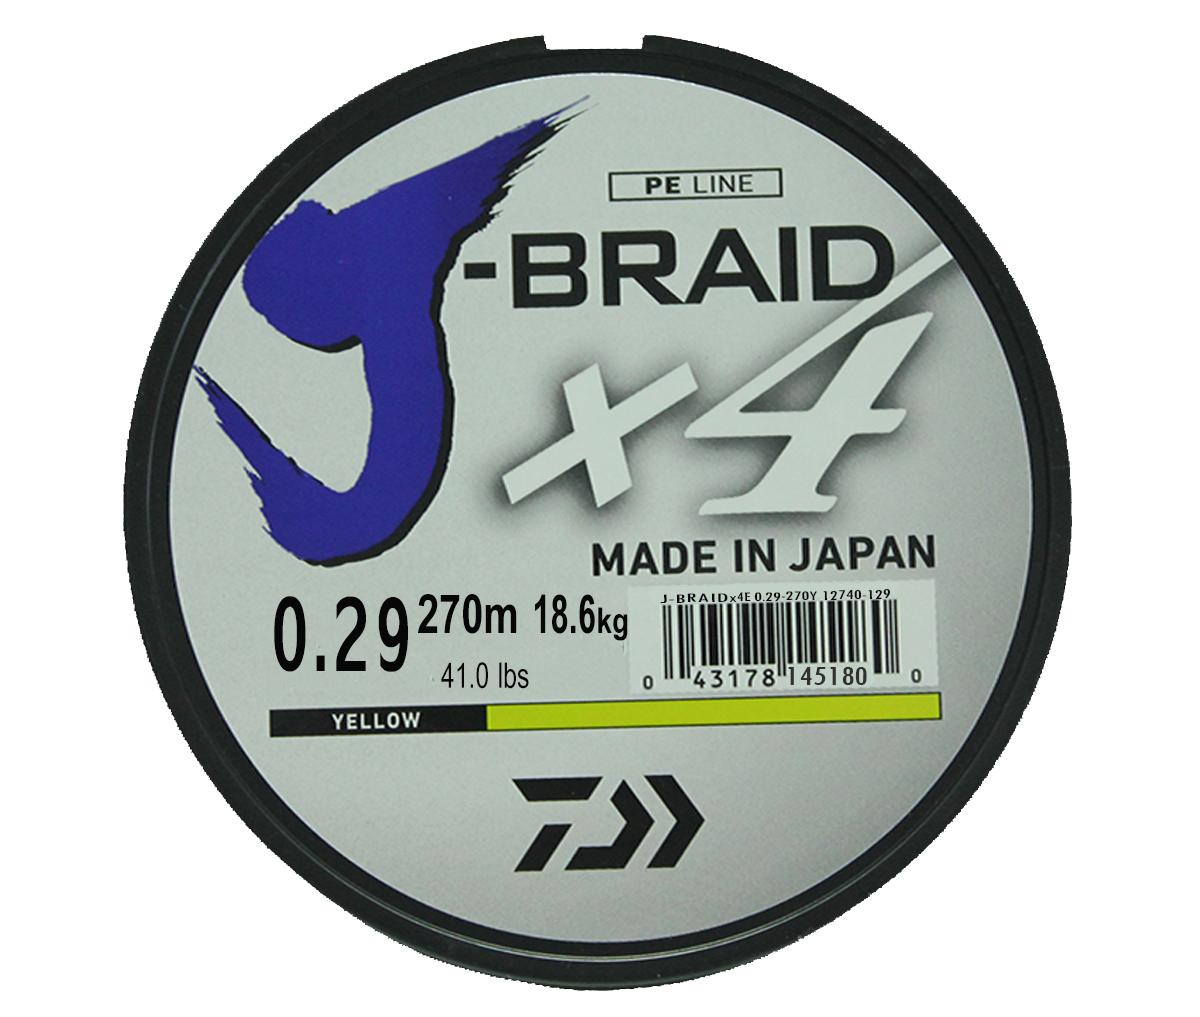 Шнур плетеный Daiwa J-Braid X4, цвет: флуоресцентный желтый, 270 м, 0,29 мм1904480Новый 4х жильный шнур J-Braid, DAIWA - шнур высокого класса с удивительным соотношением цены и качества. Качество плетения полностьюсоответствует японским стандартам и удовлетворяет всем требованиям. Представленные диаметры позволяют использовать шнур для всех техникловли, начиная от ultra- light ловли окуня, до морской ловли палтуса, трески и т.д